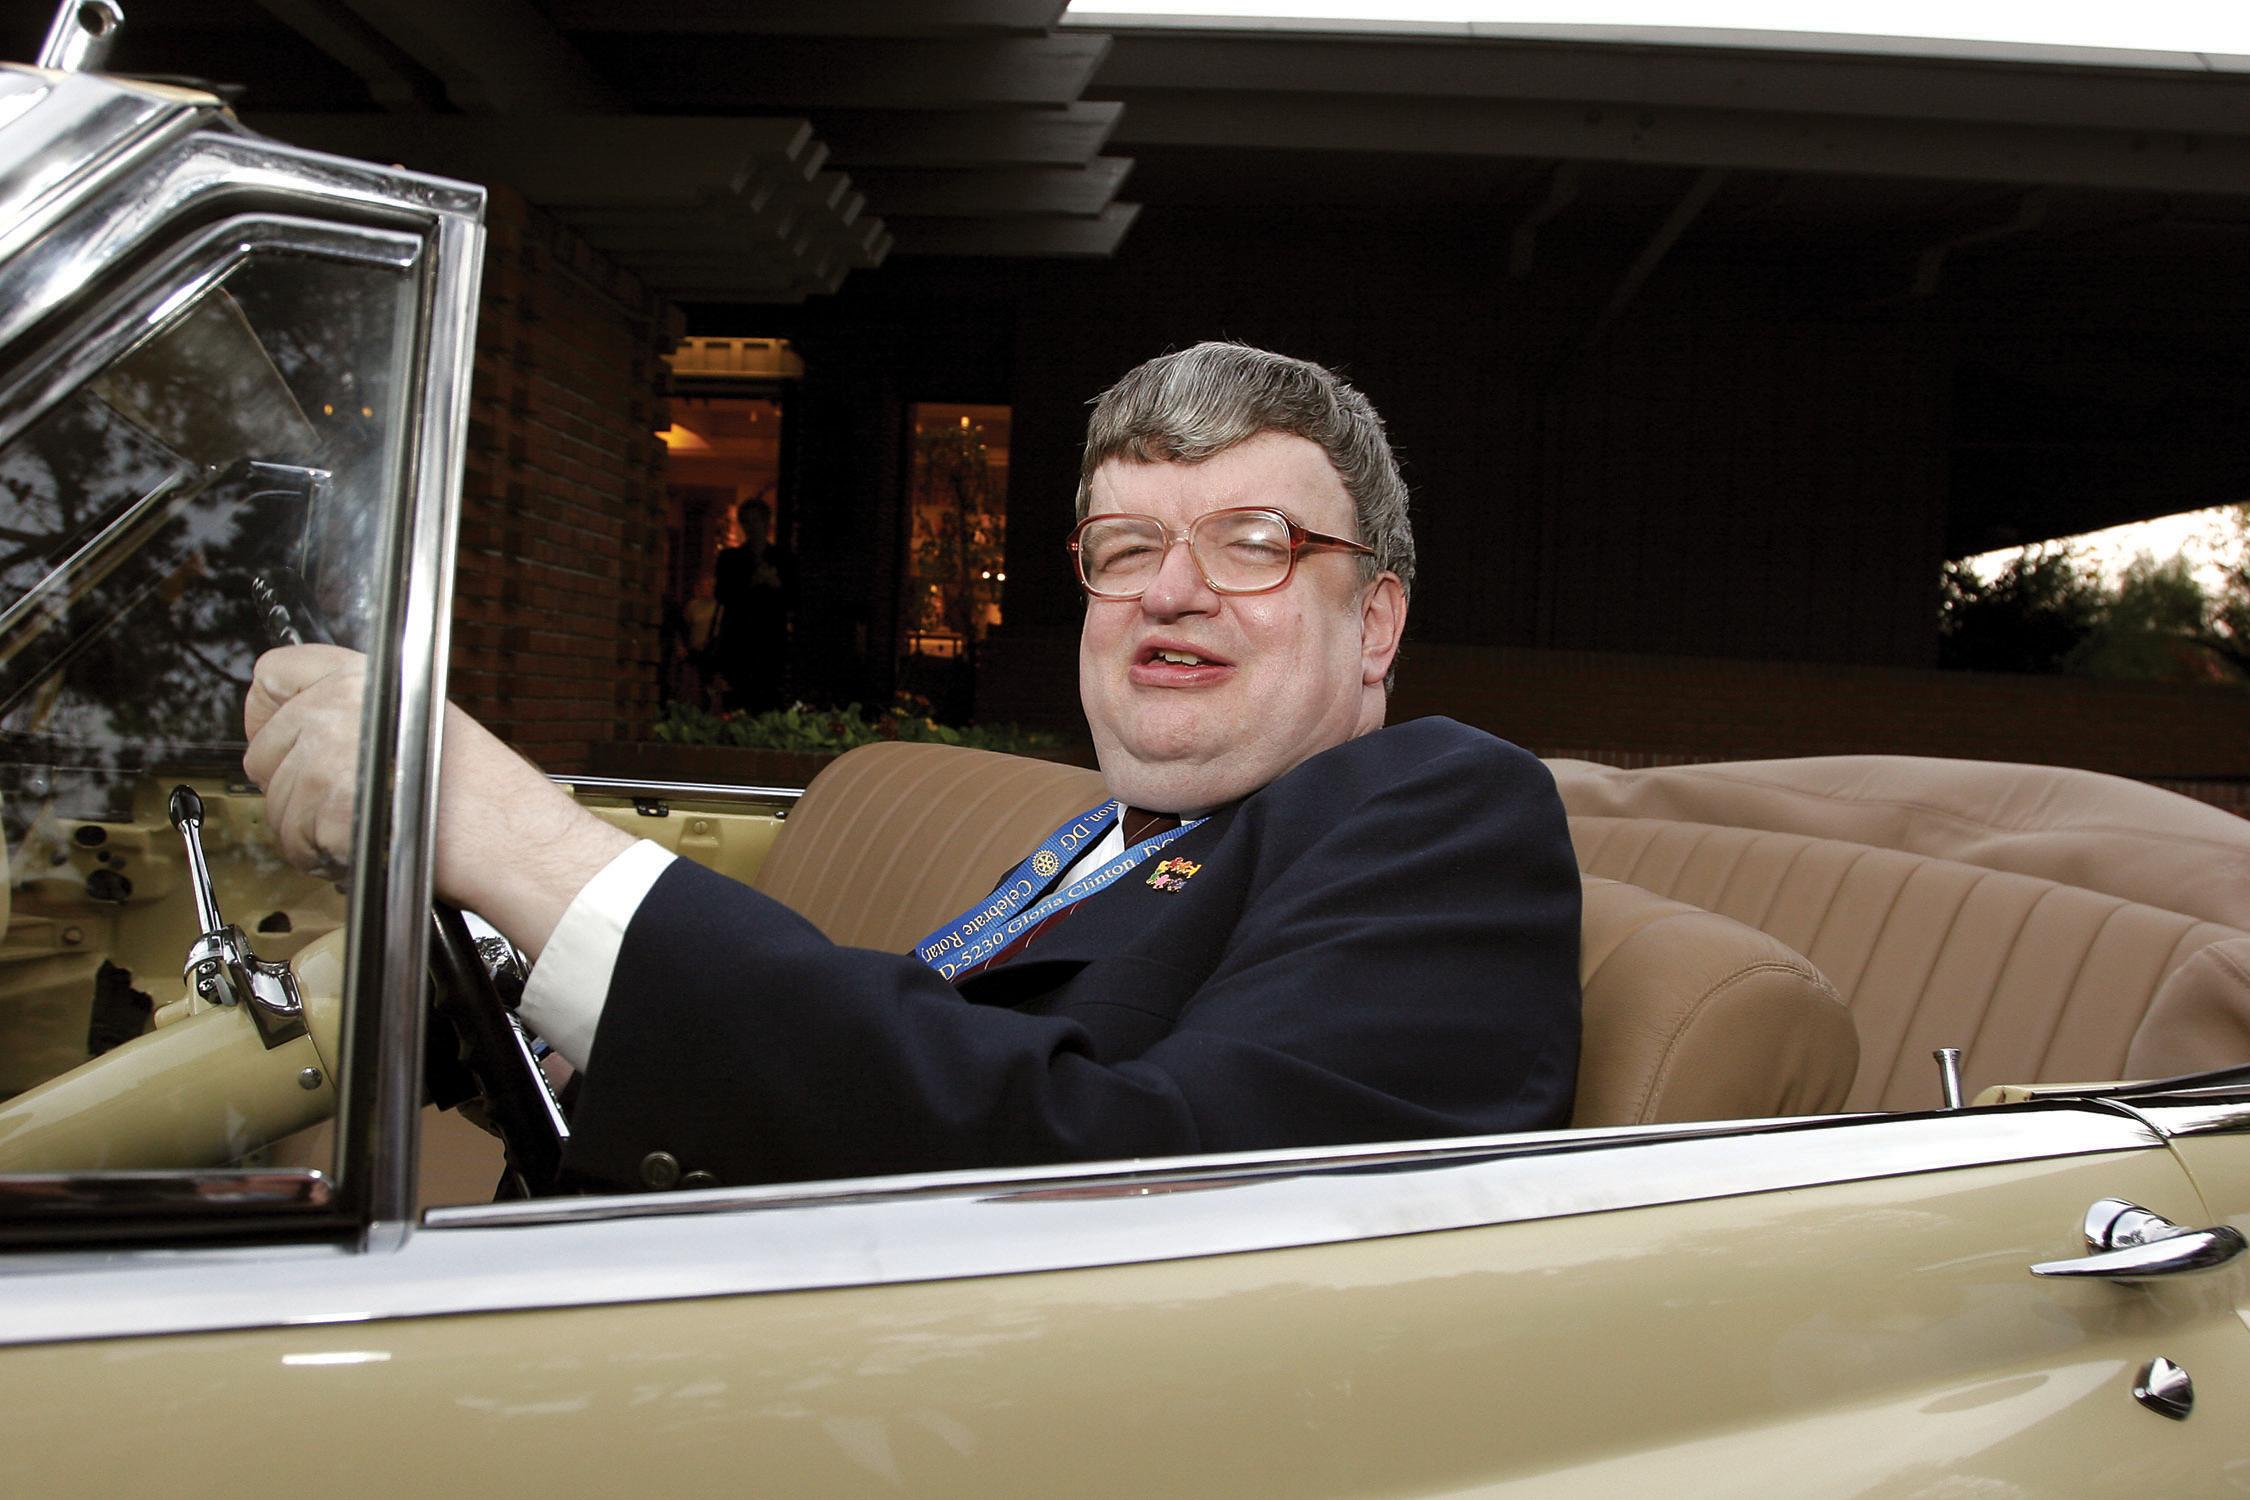 Rain Man sur Paris Première : découvrez Kim Peek, l'homme qui a inspiré le film